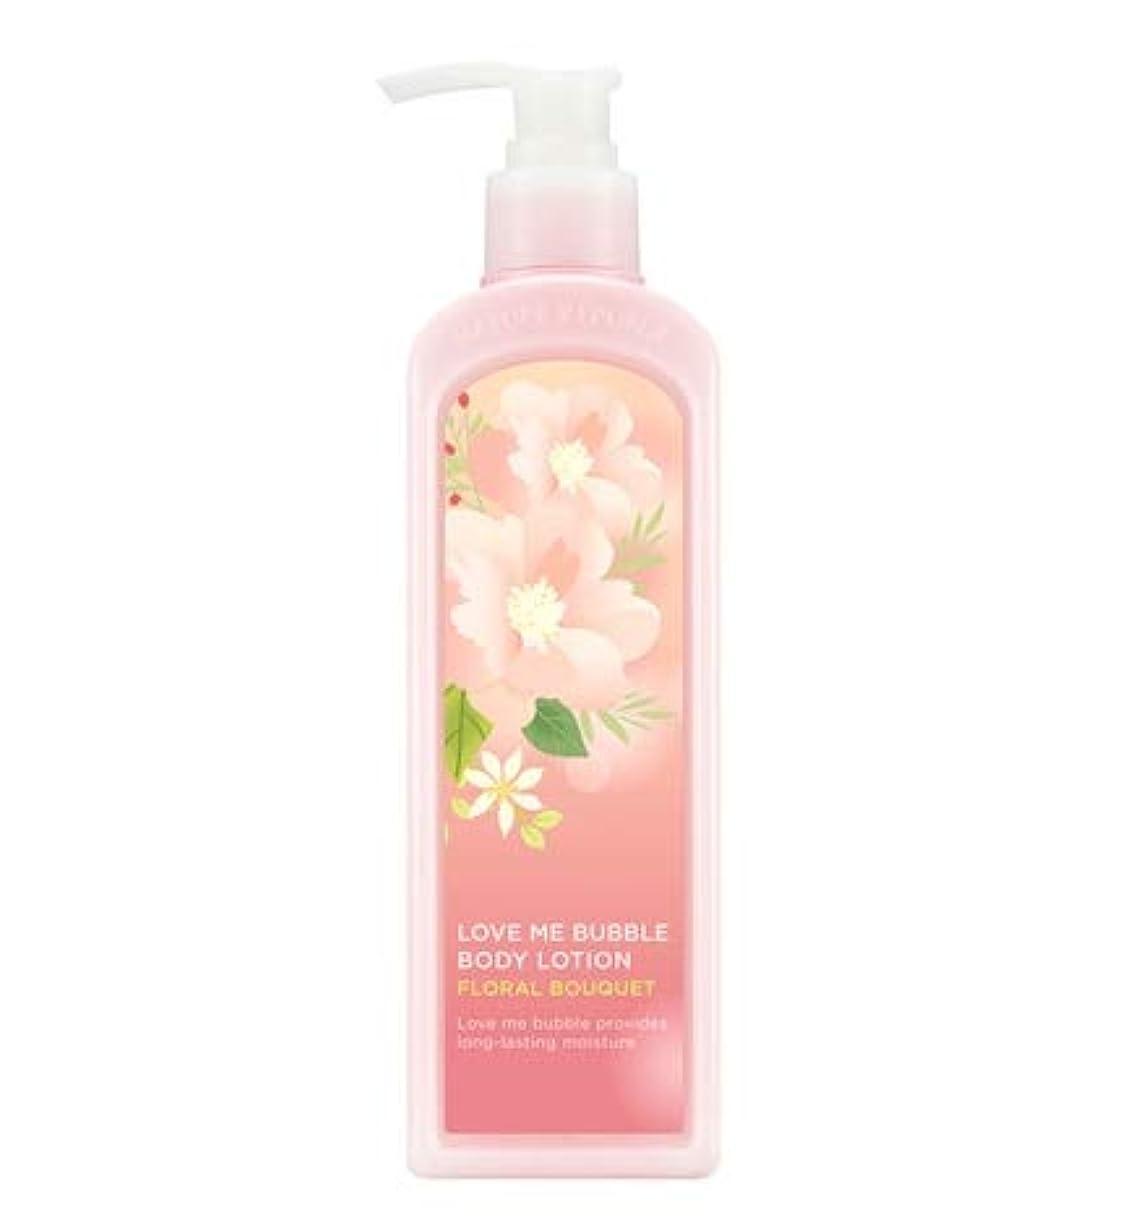 修道院潜在的なプロペラNATURE REPUBLIC Love Me Bubble Body Lotion-Floral bouquet ネイチャリパブリックラブミバブルボディーローション [並行輸入品]